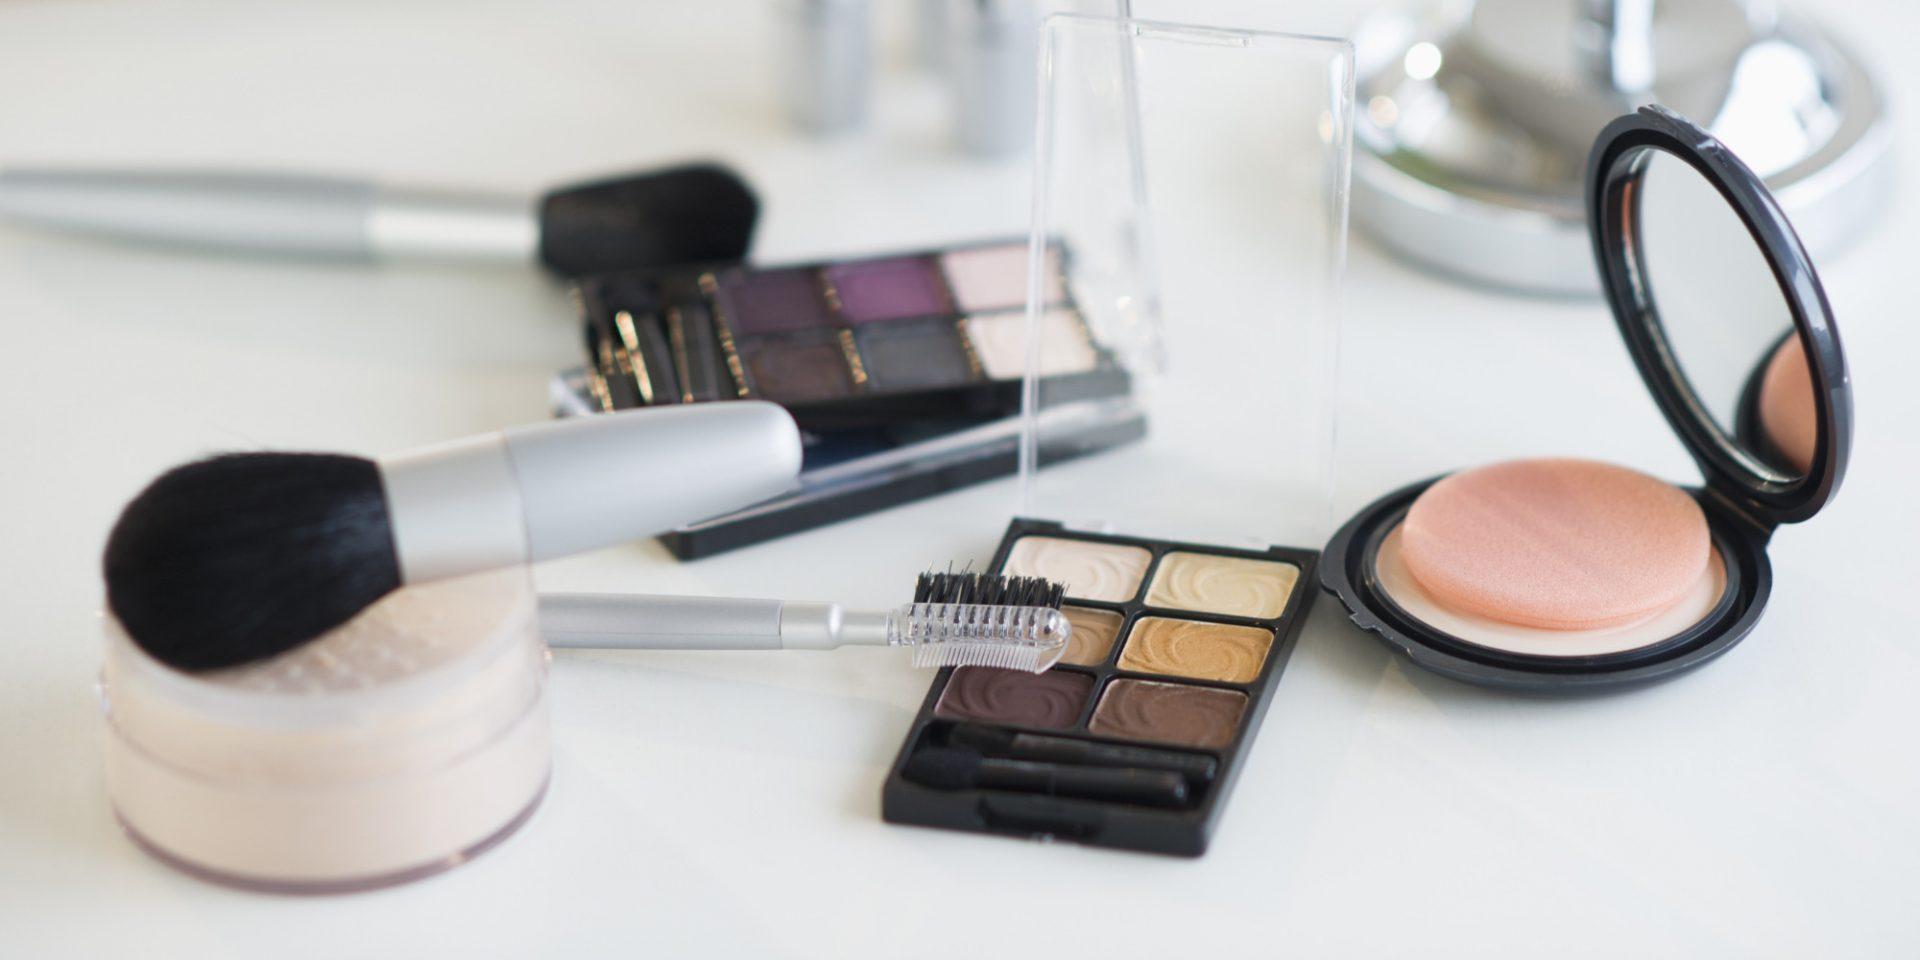 Kreska eyelinerem krok po kroku. Jak zrobić perfekcyjny makijaż oczu?